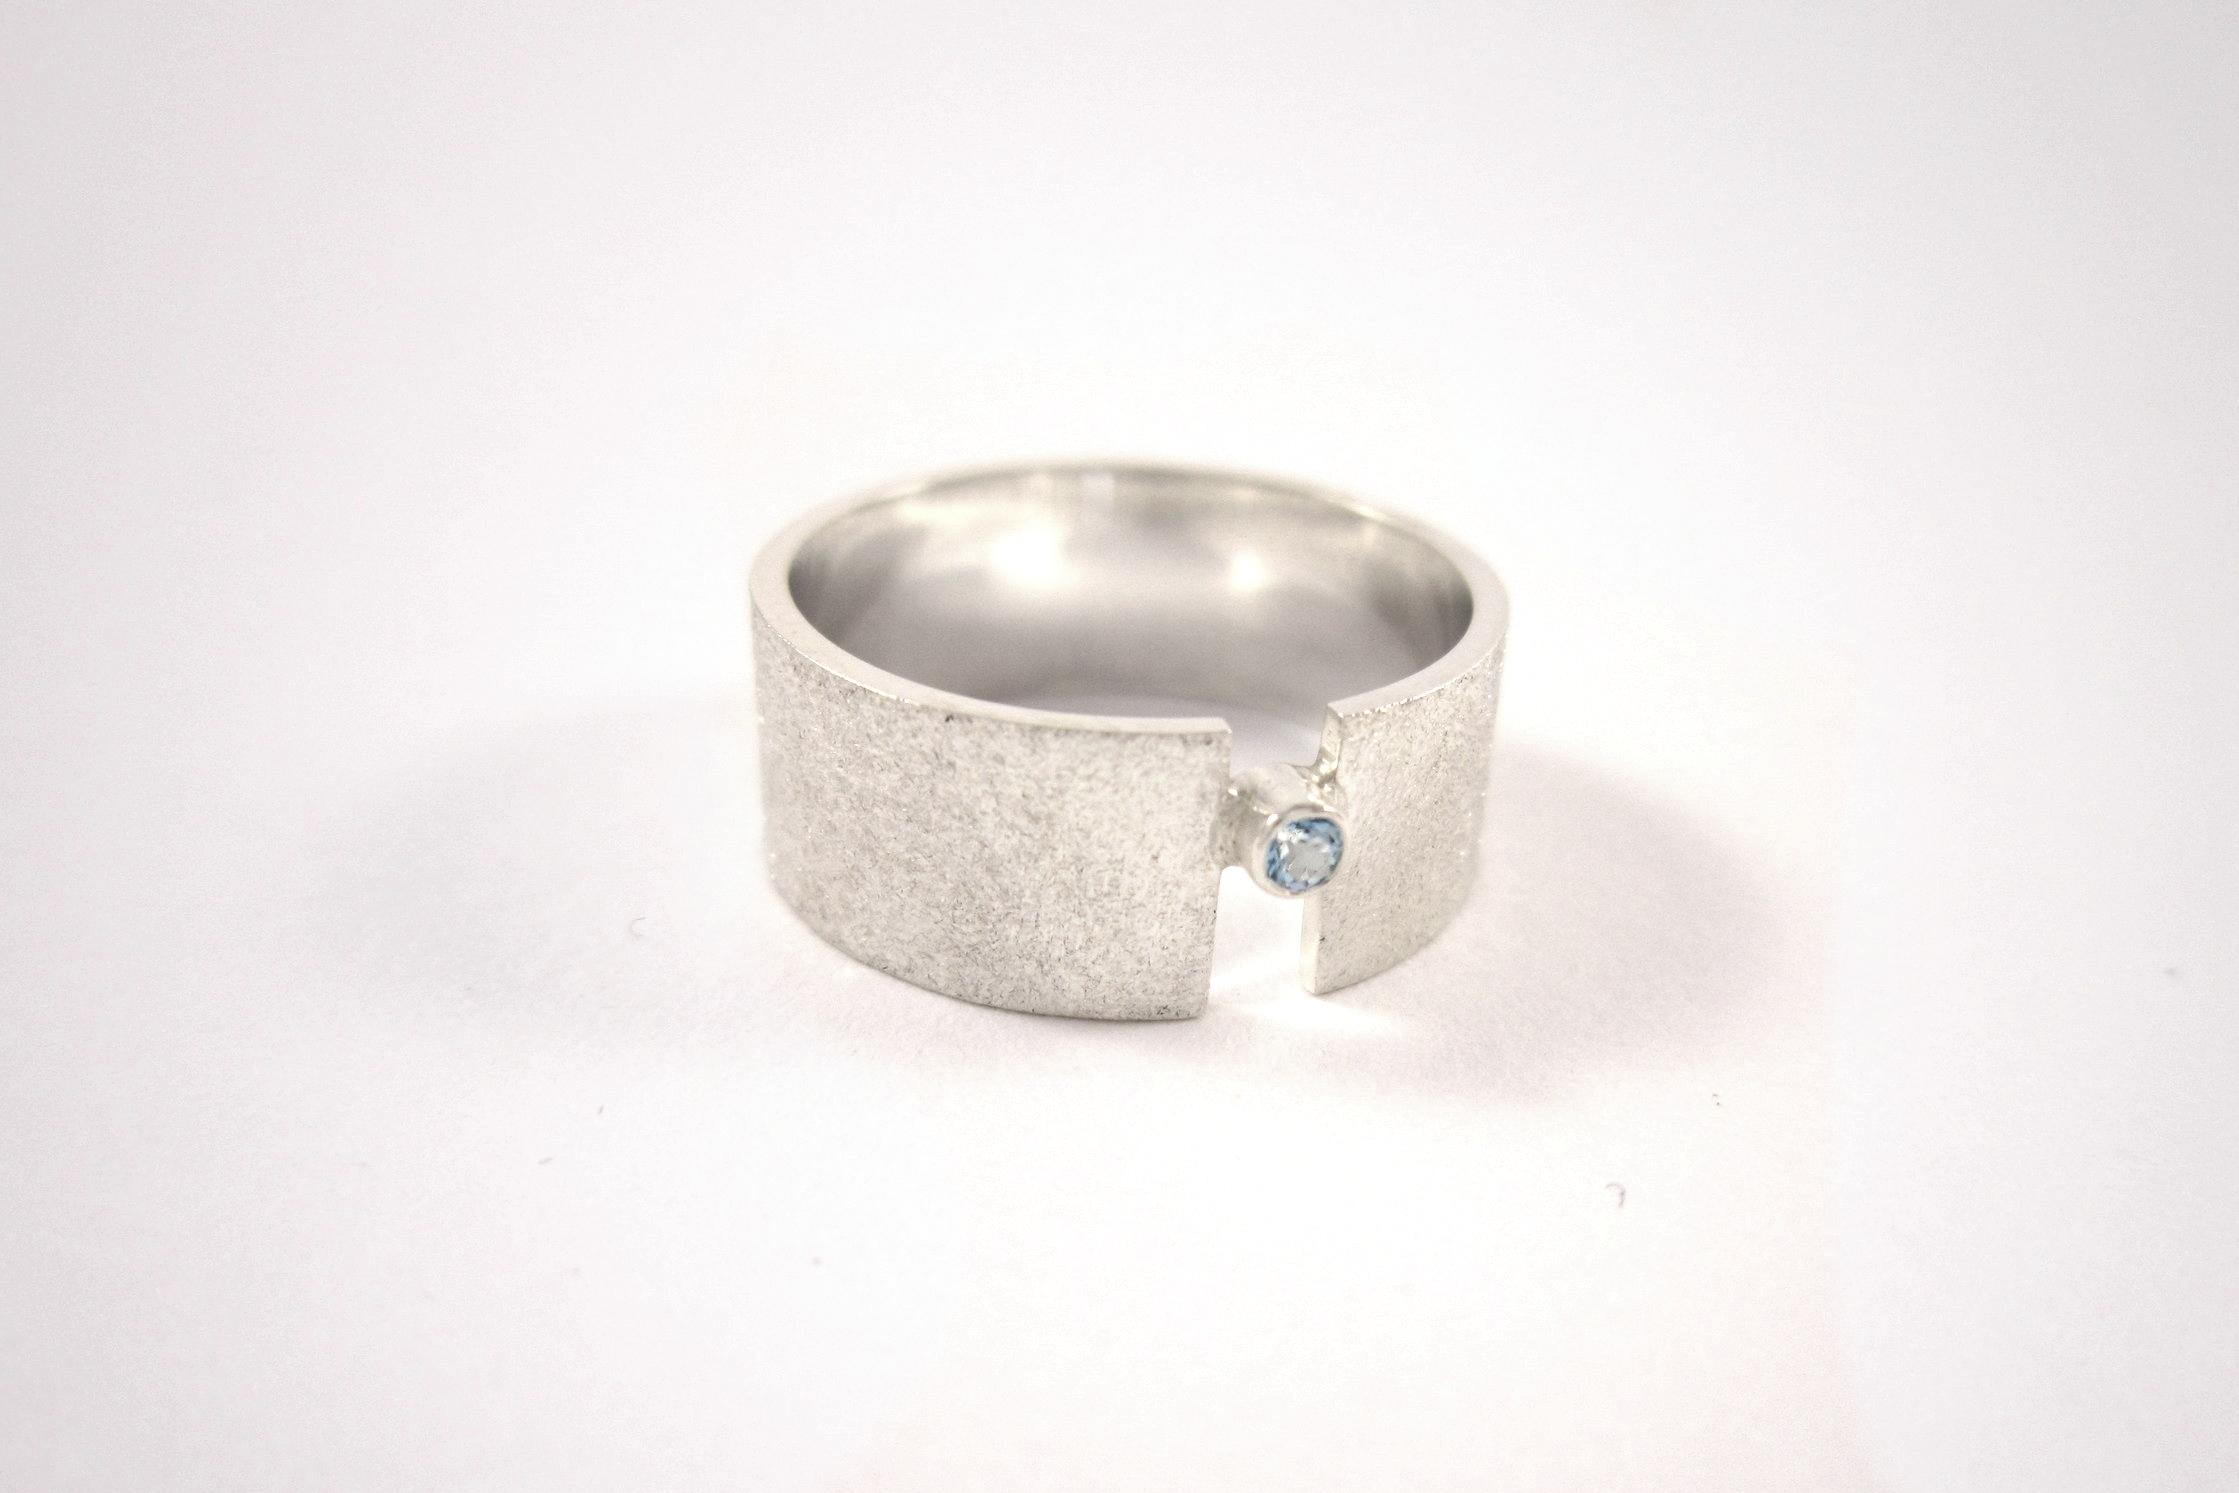 Zilveren ring met aquamarijn.